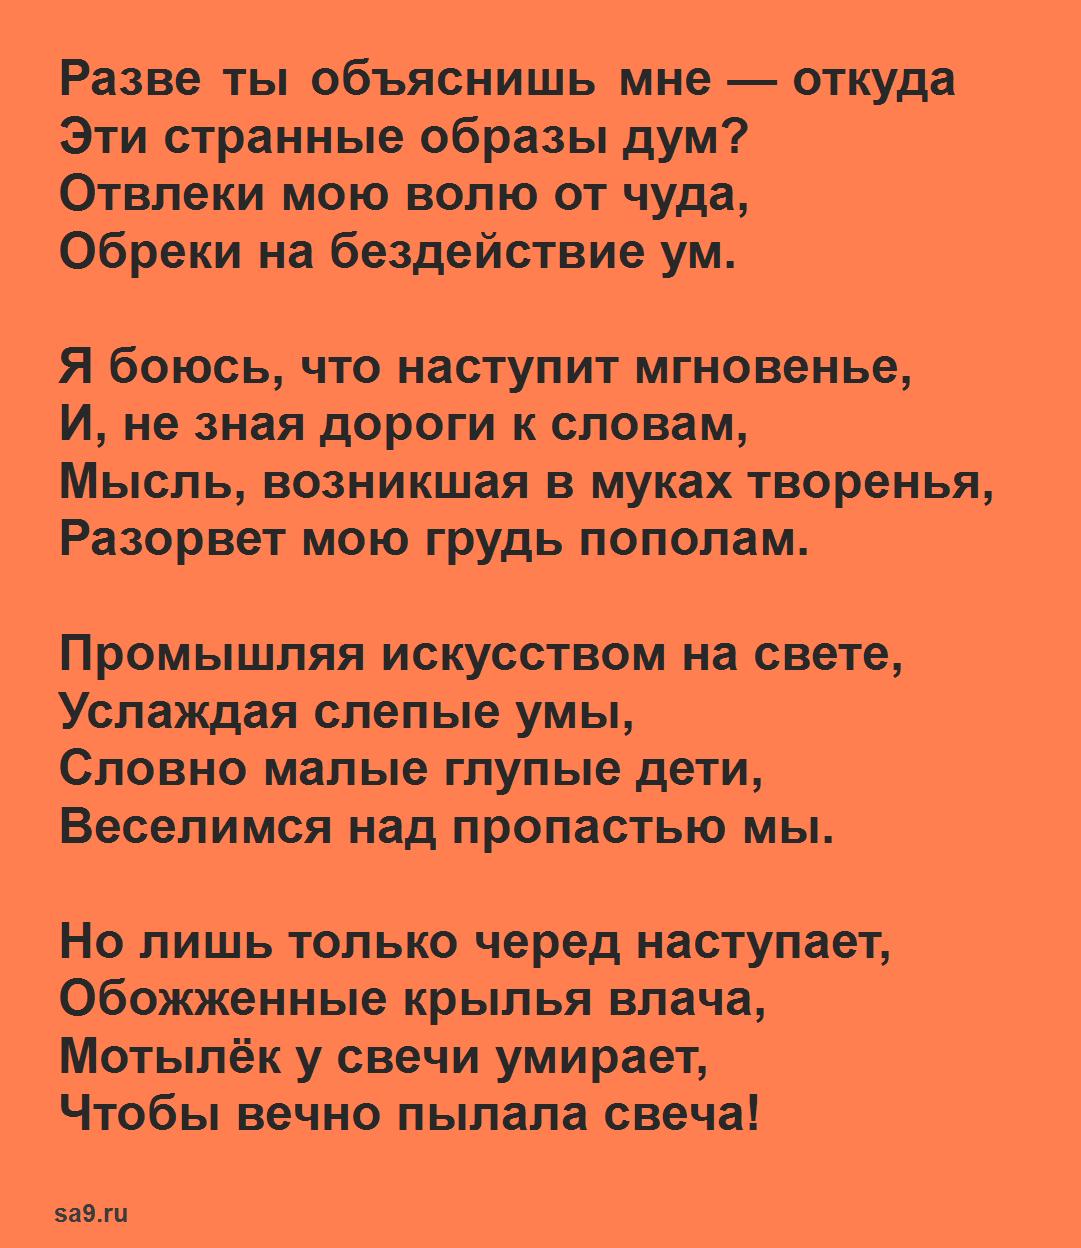 Стихи Заболоцкого короткие 16 строк - Разве ты объяснишь мне, которые легко учатся